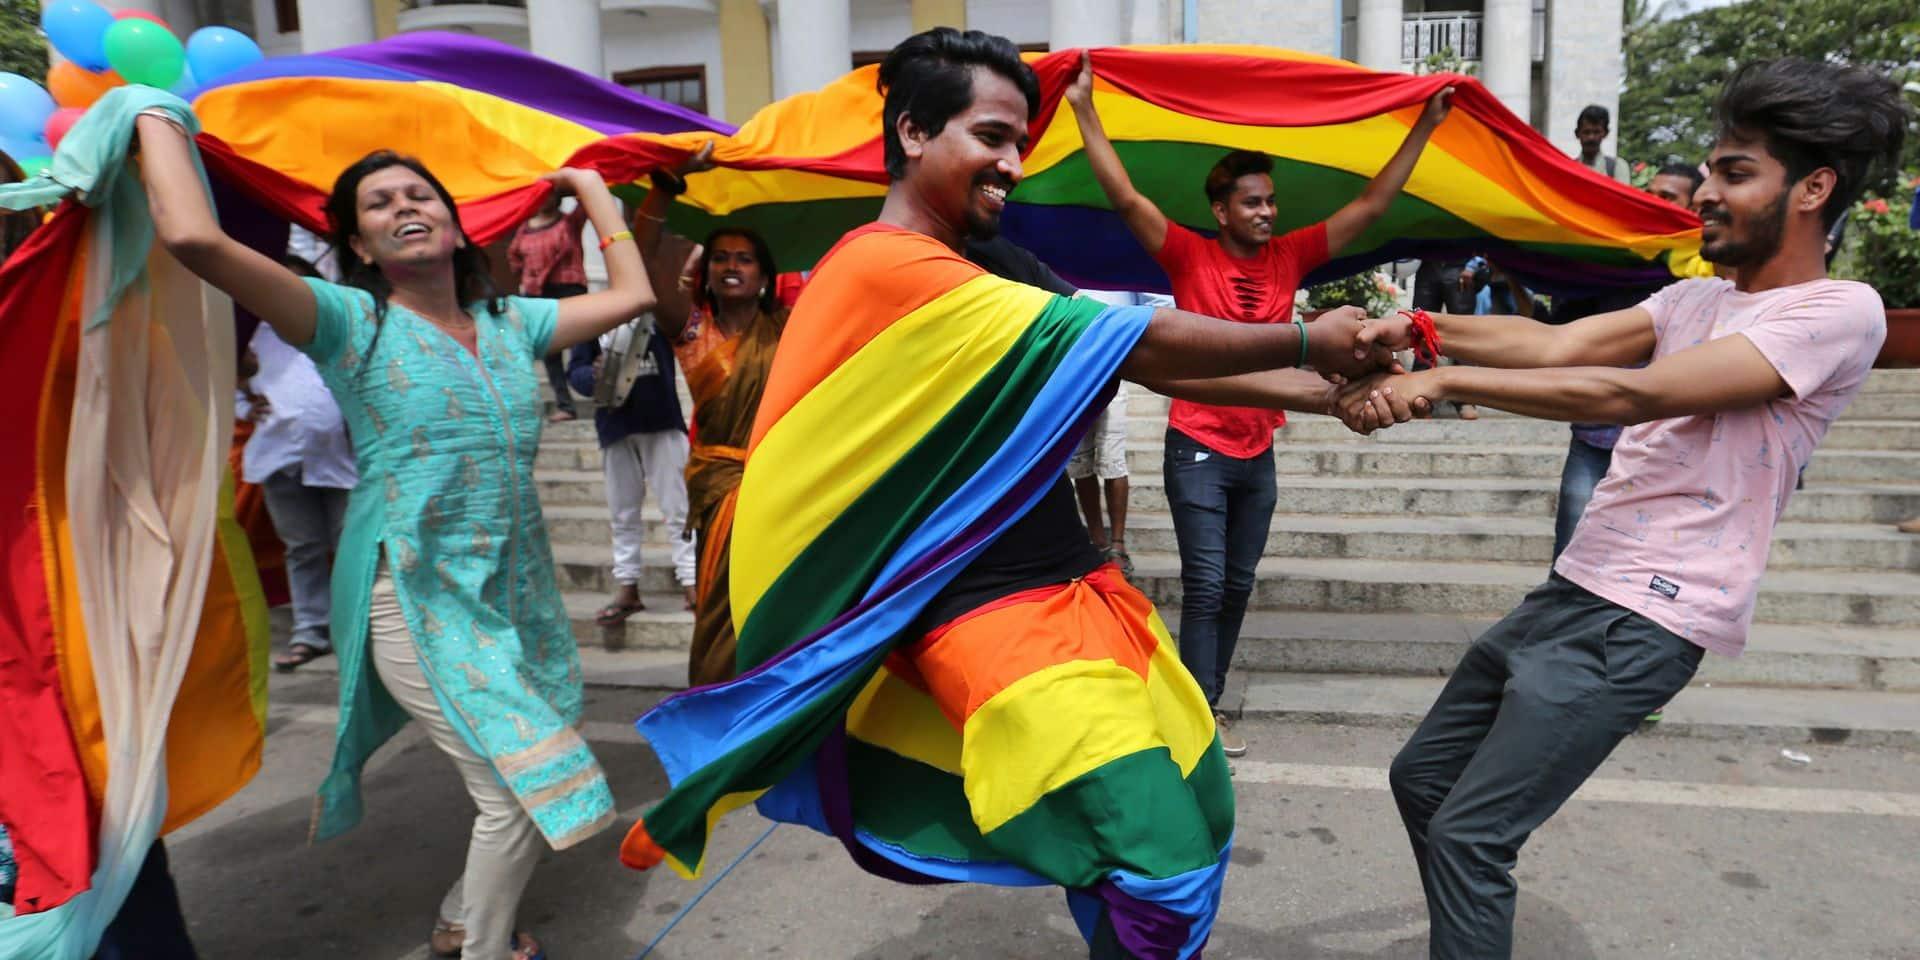 """En Inde, l'homosexualité n'est plus un délit mais tout n'est pas gagné : """"La discrimination ne va pas s'estomper de sitôt. La guerre continue"""""""